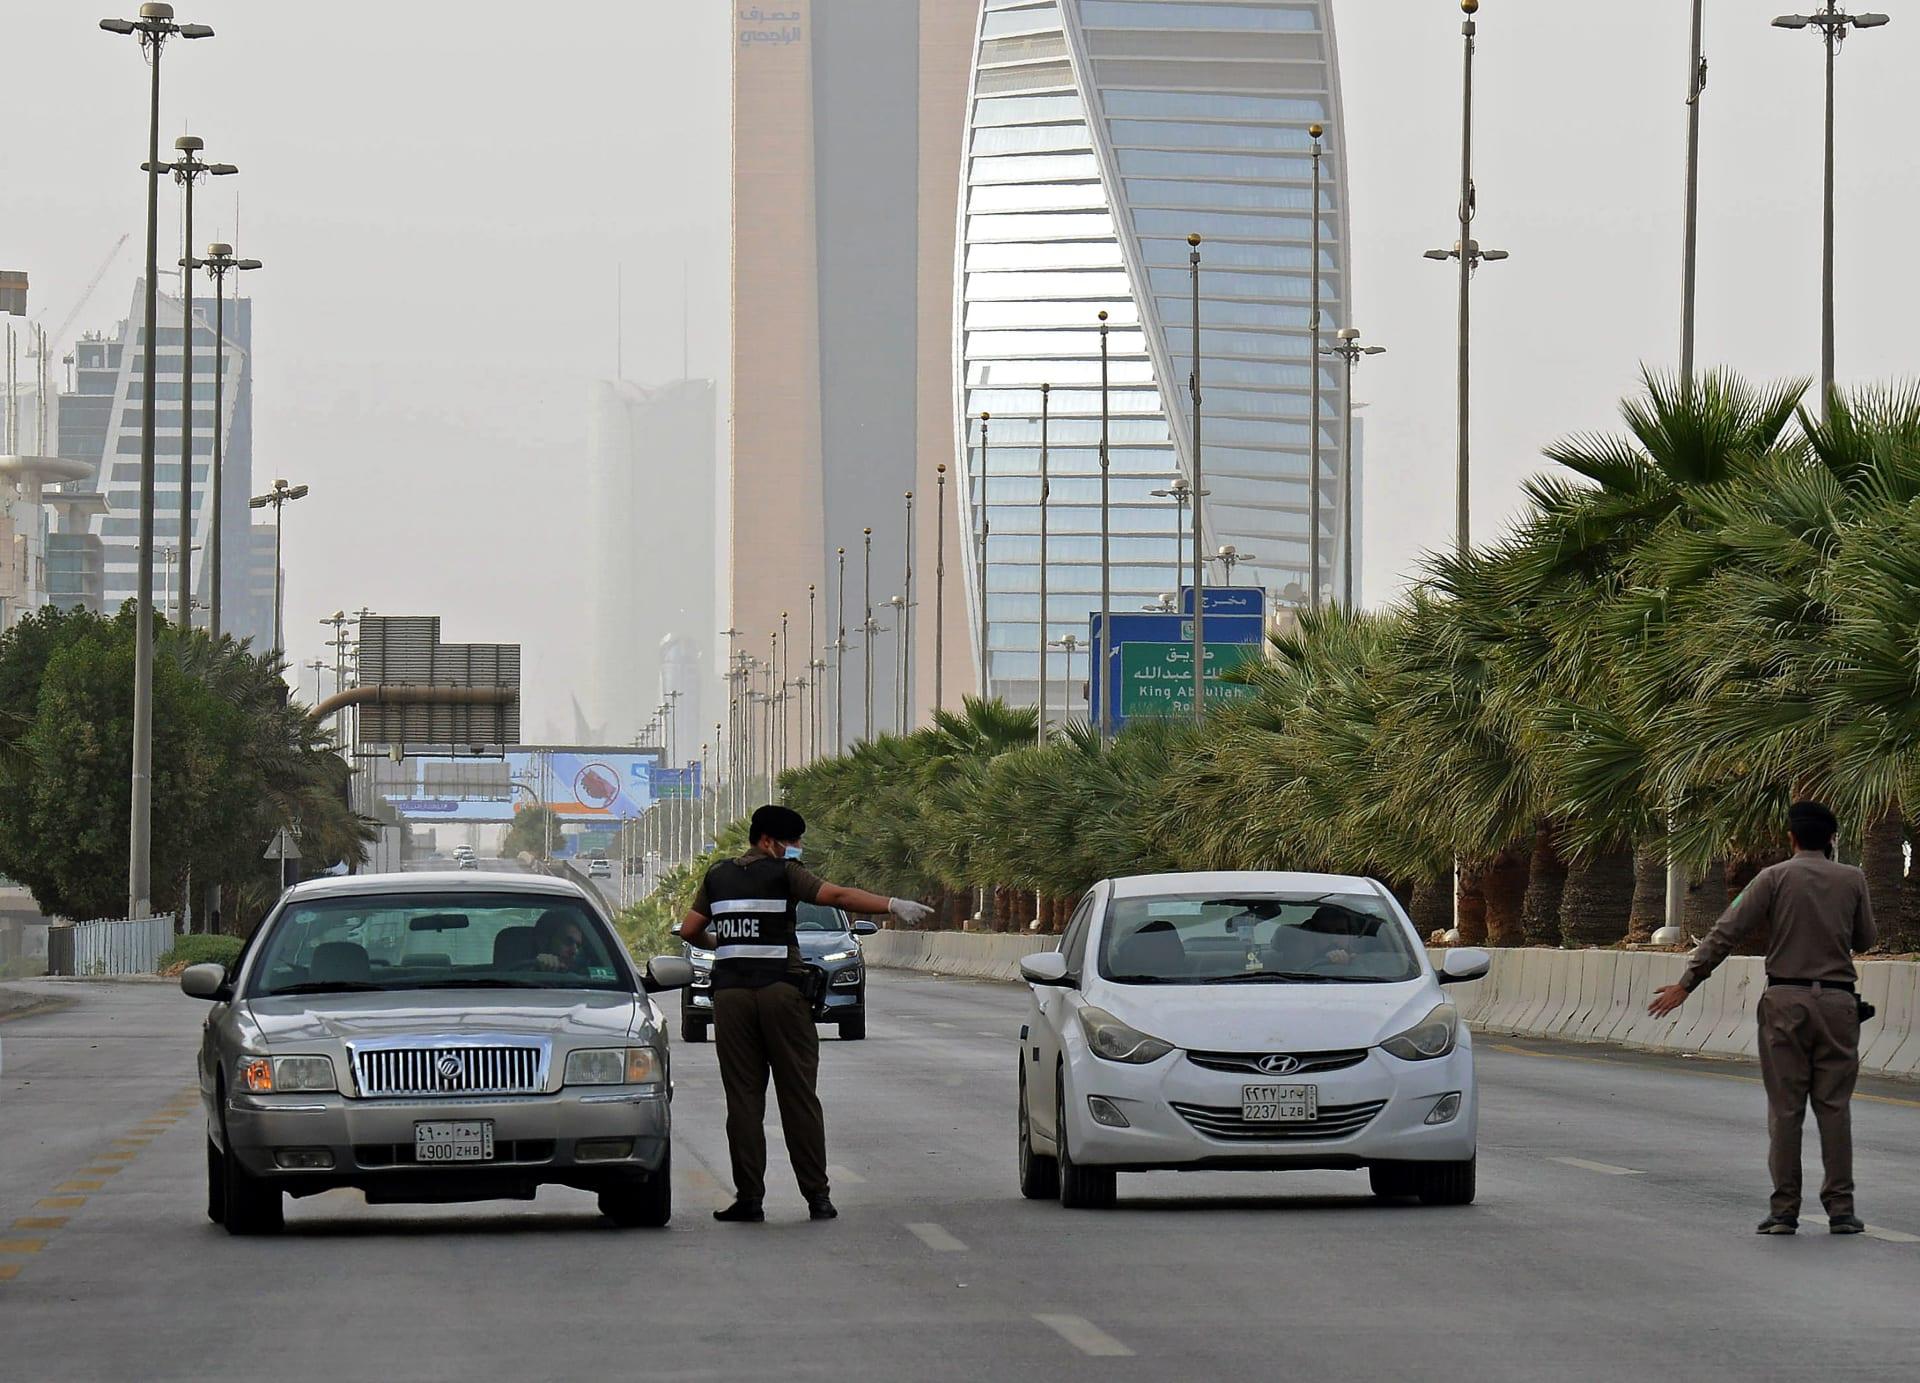 السعودية تحذر من ارتفاع منحنى إصابات كورونا.. والداخلية تكشف الموقف من حظر التجول